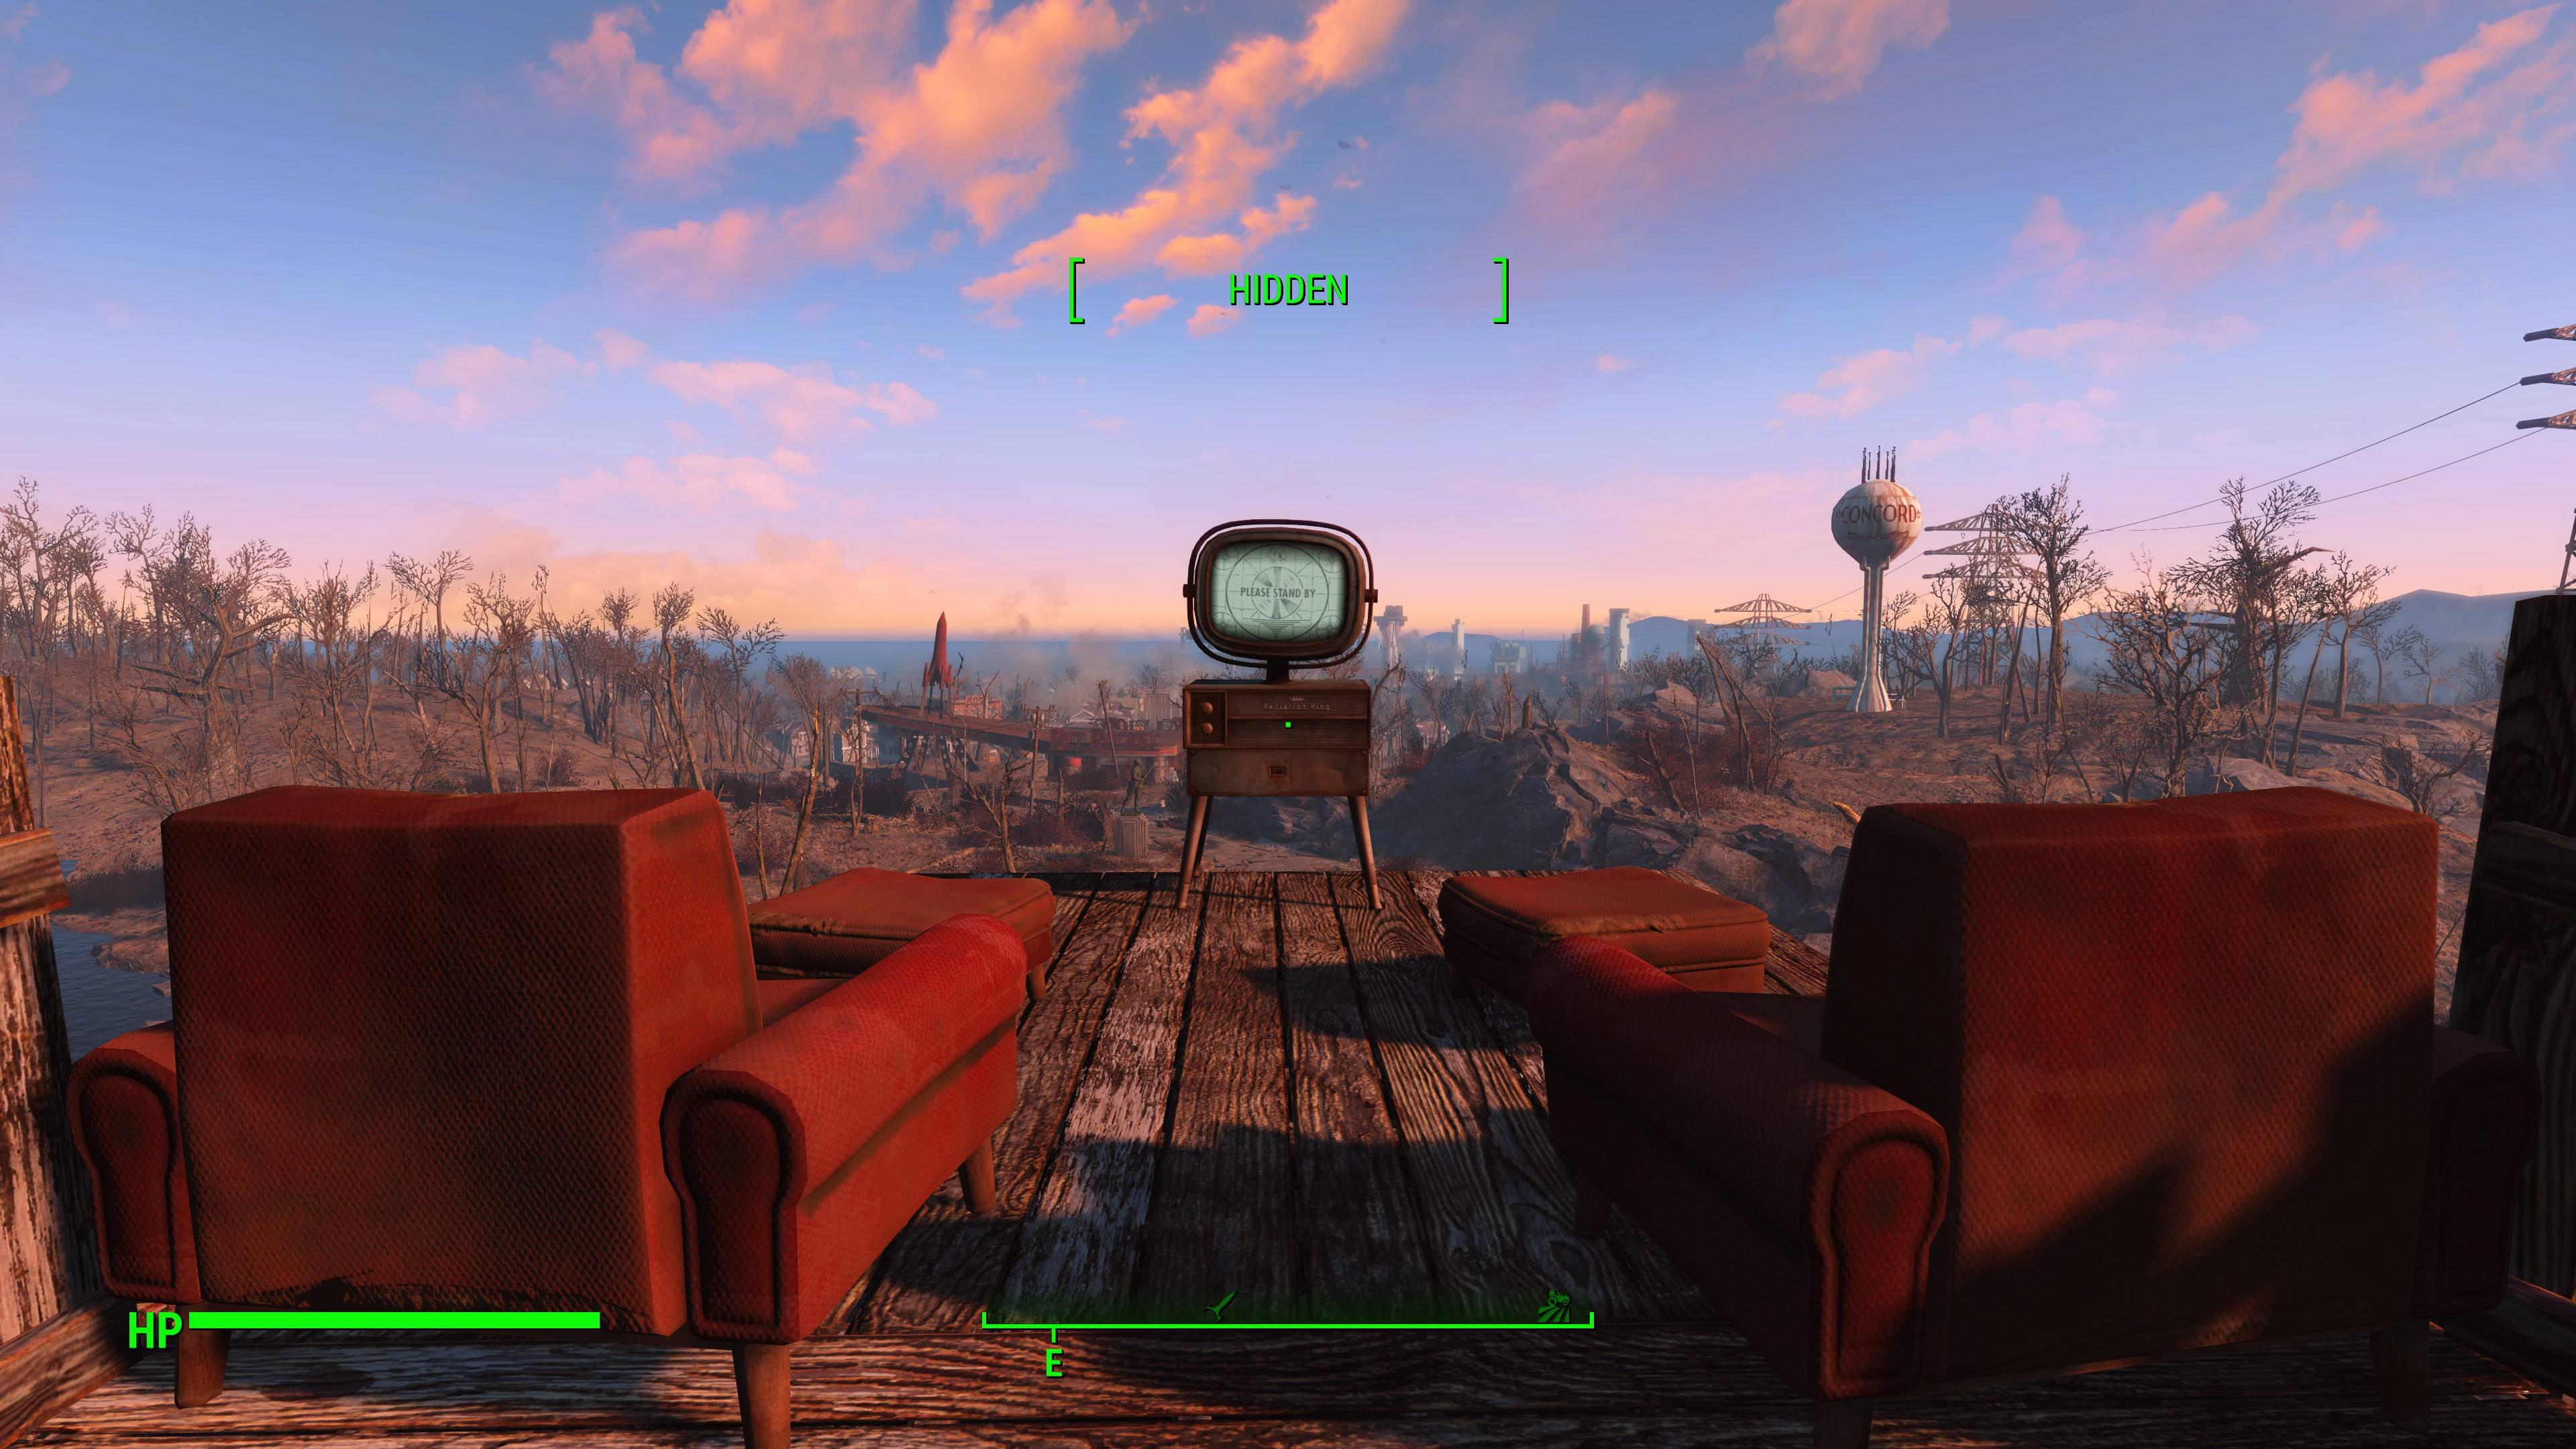 PC verzi Falloutu 4 můžete obohatit o textury ve vysokém rozlišení 138014